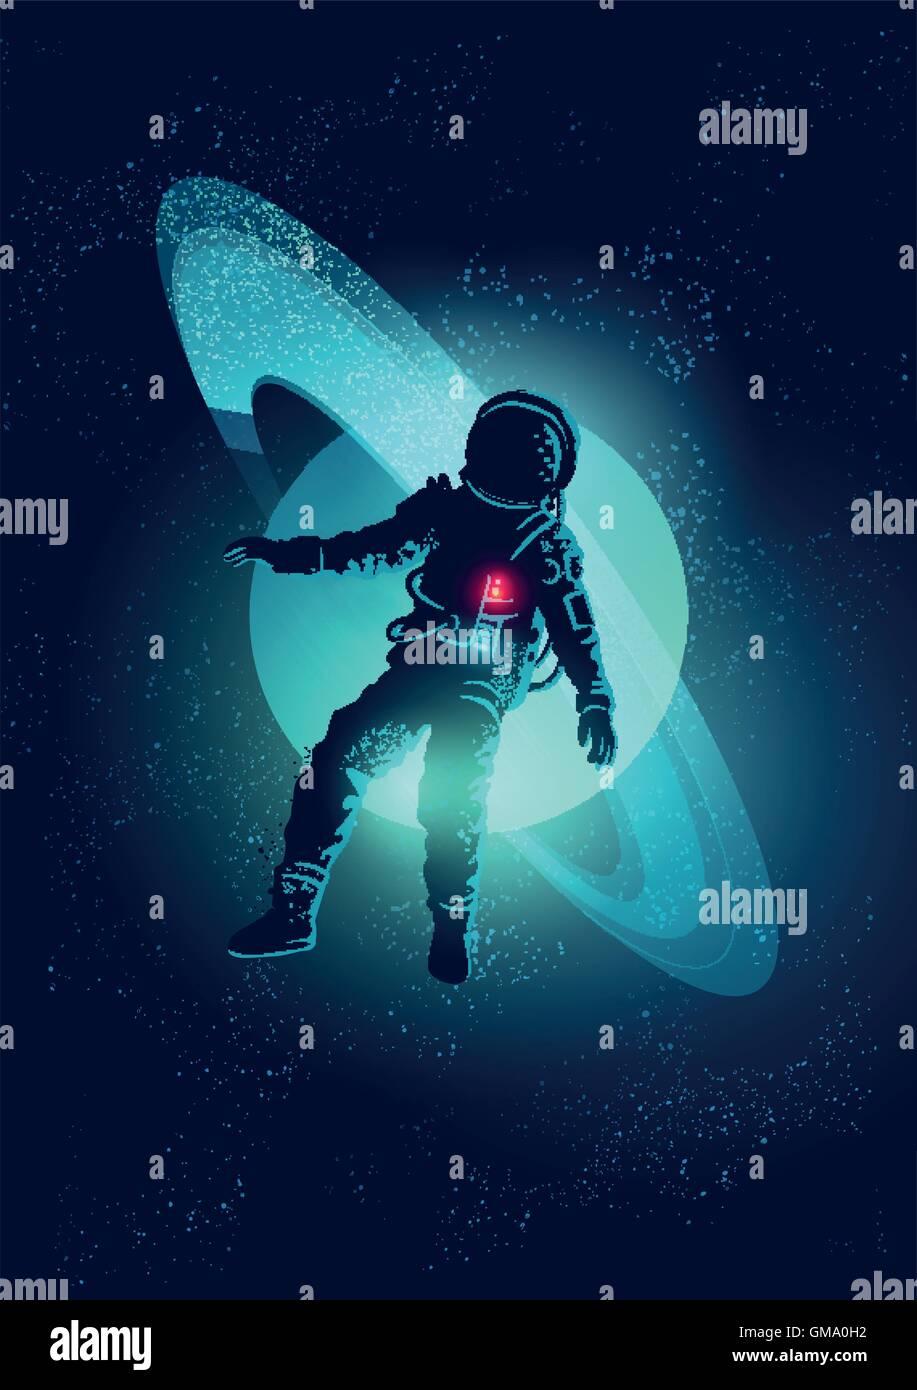 Un astronauta galleggiante attraverso lo spazio. Illustrazione Vettoriale Immagini Stock